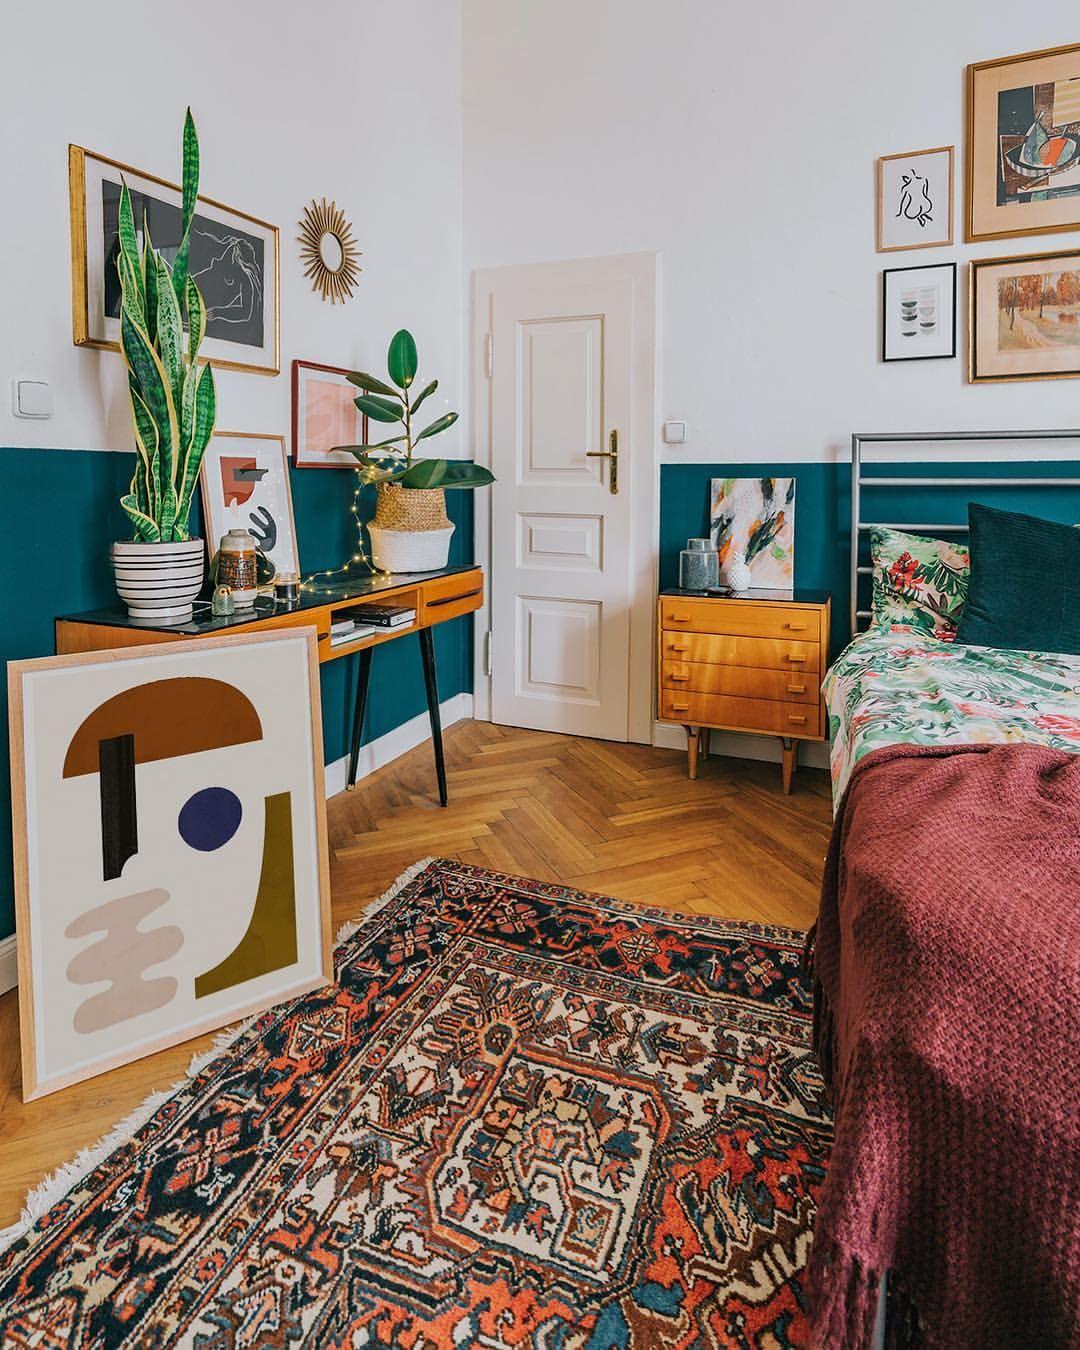 Minimalist Art Of Jan Skacelik Inside A Boho Bedroom With Mid